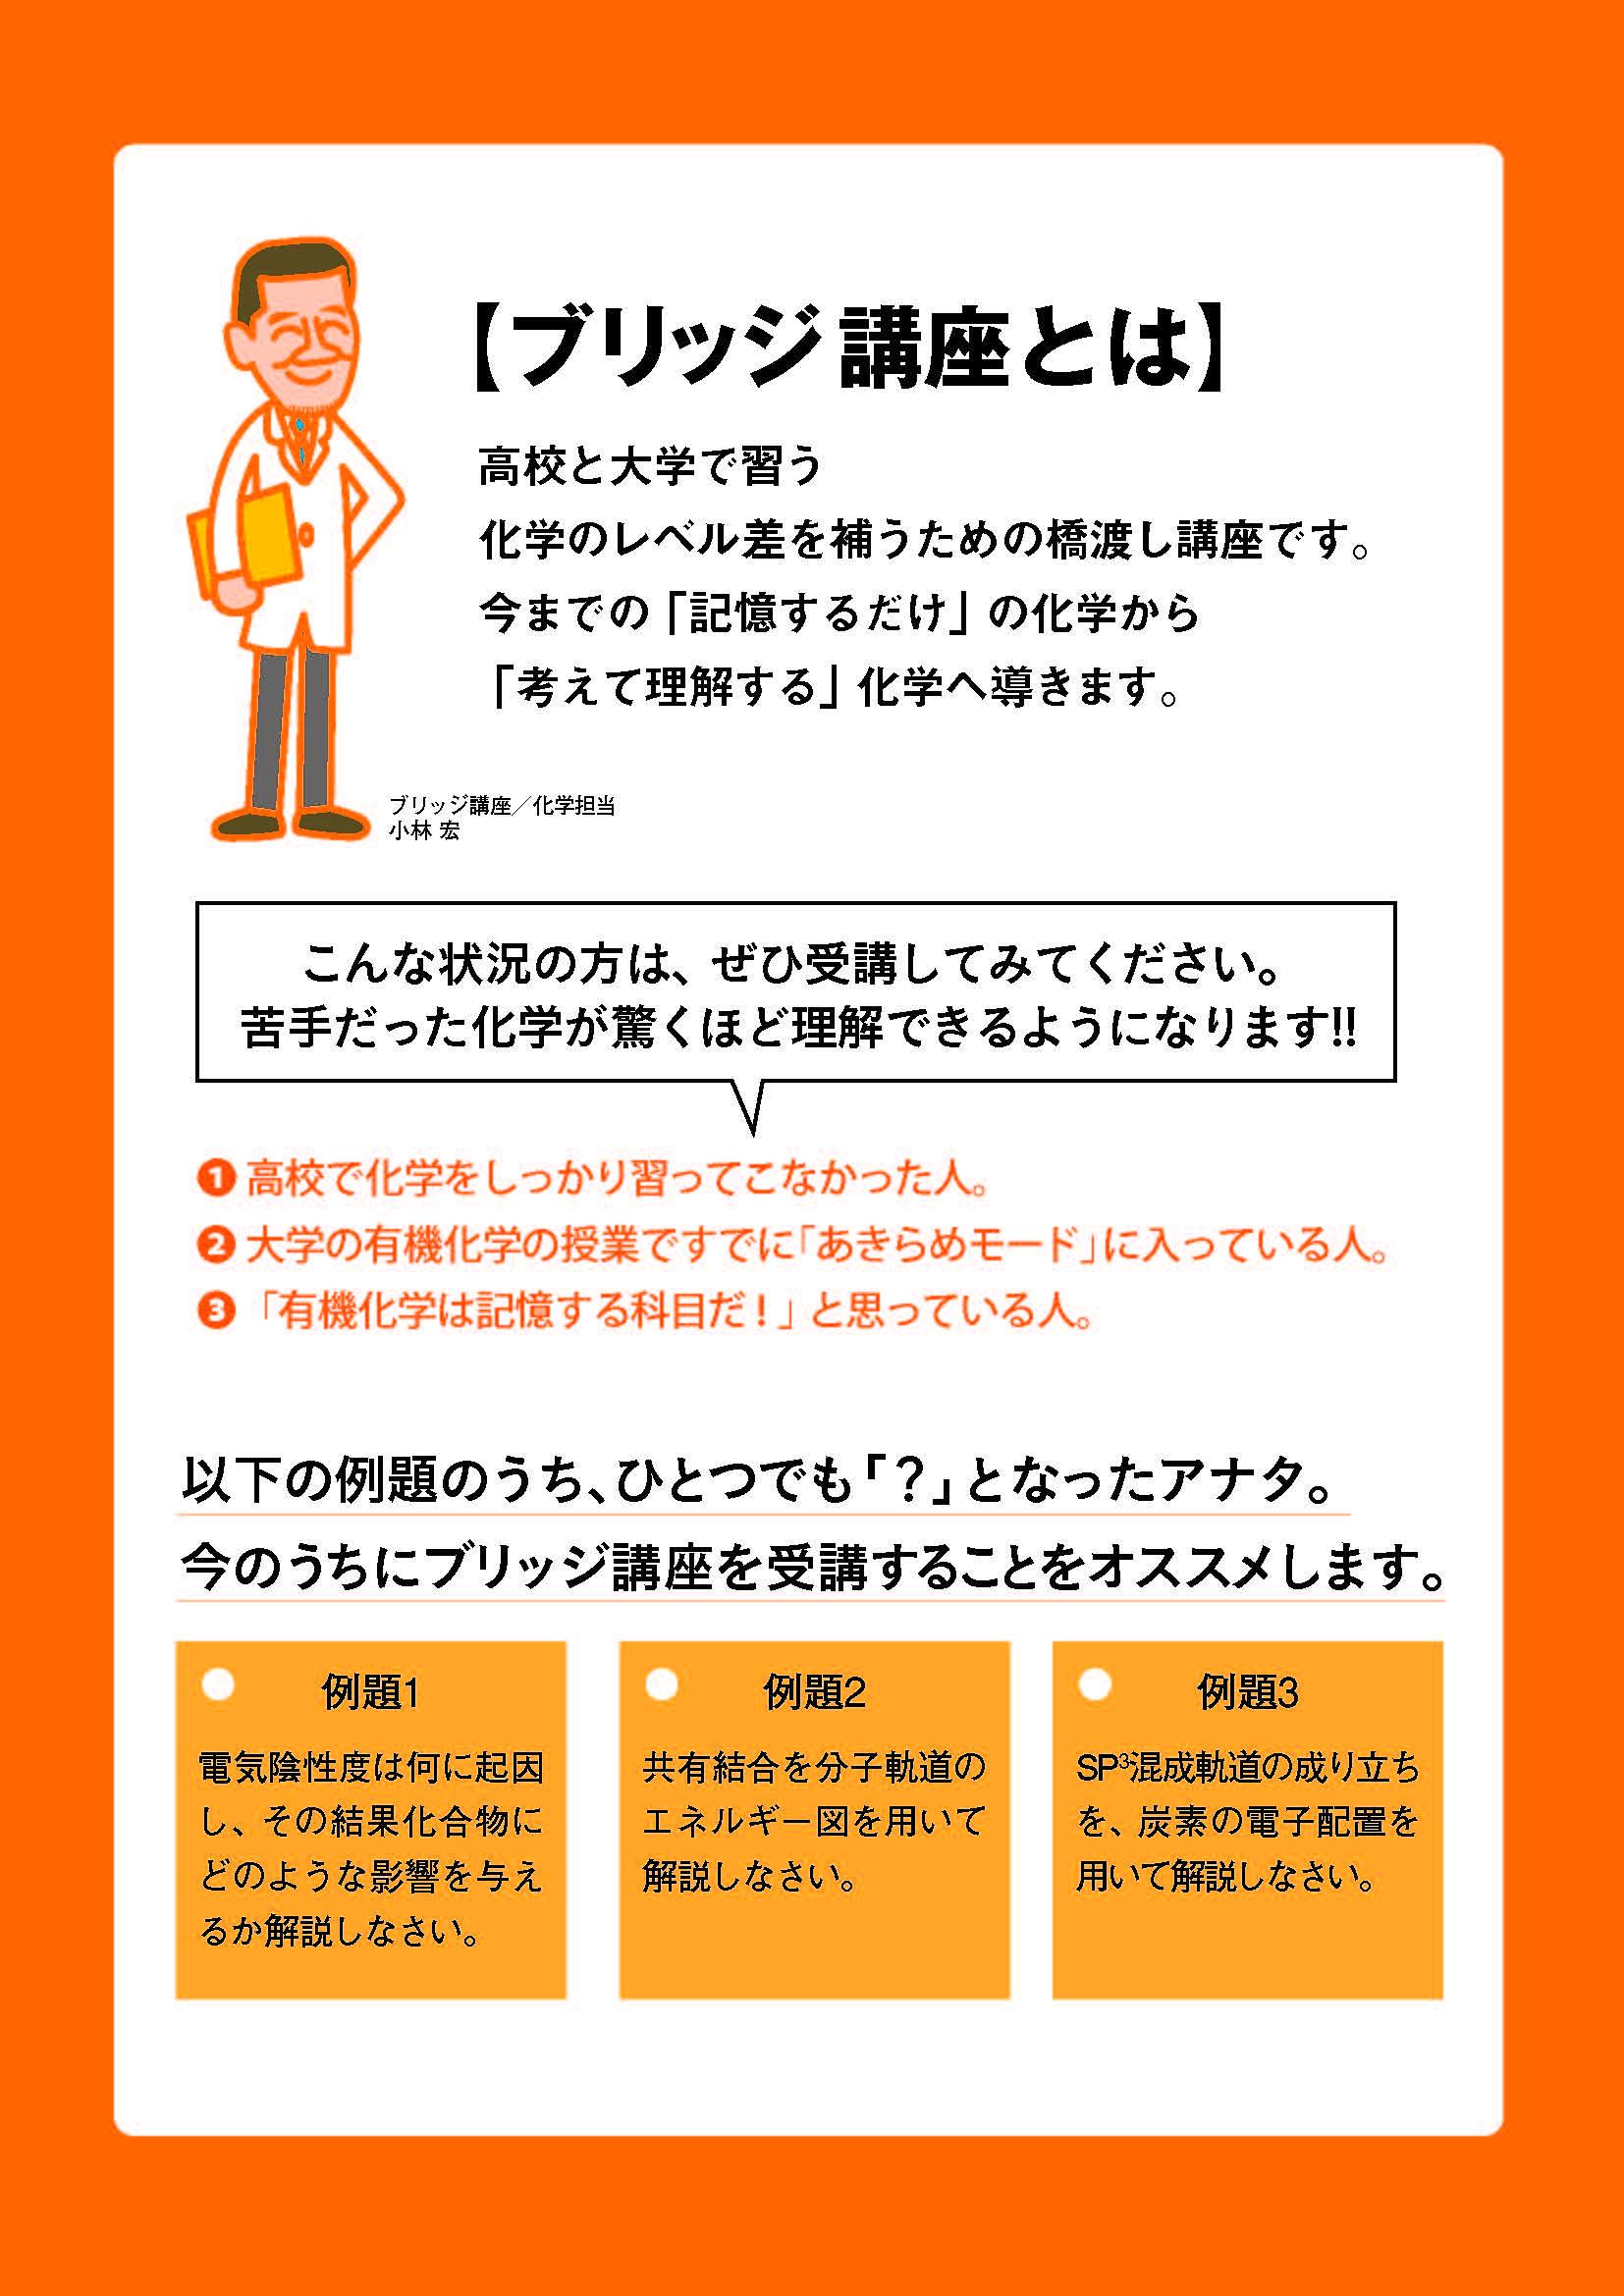 ブリッジ講座(大阪・神戸)_ページ_2